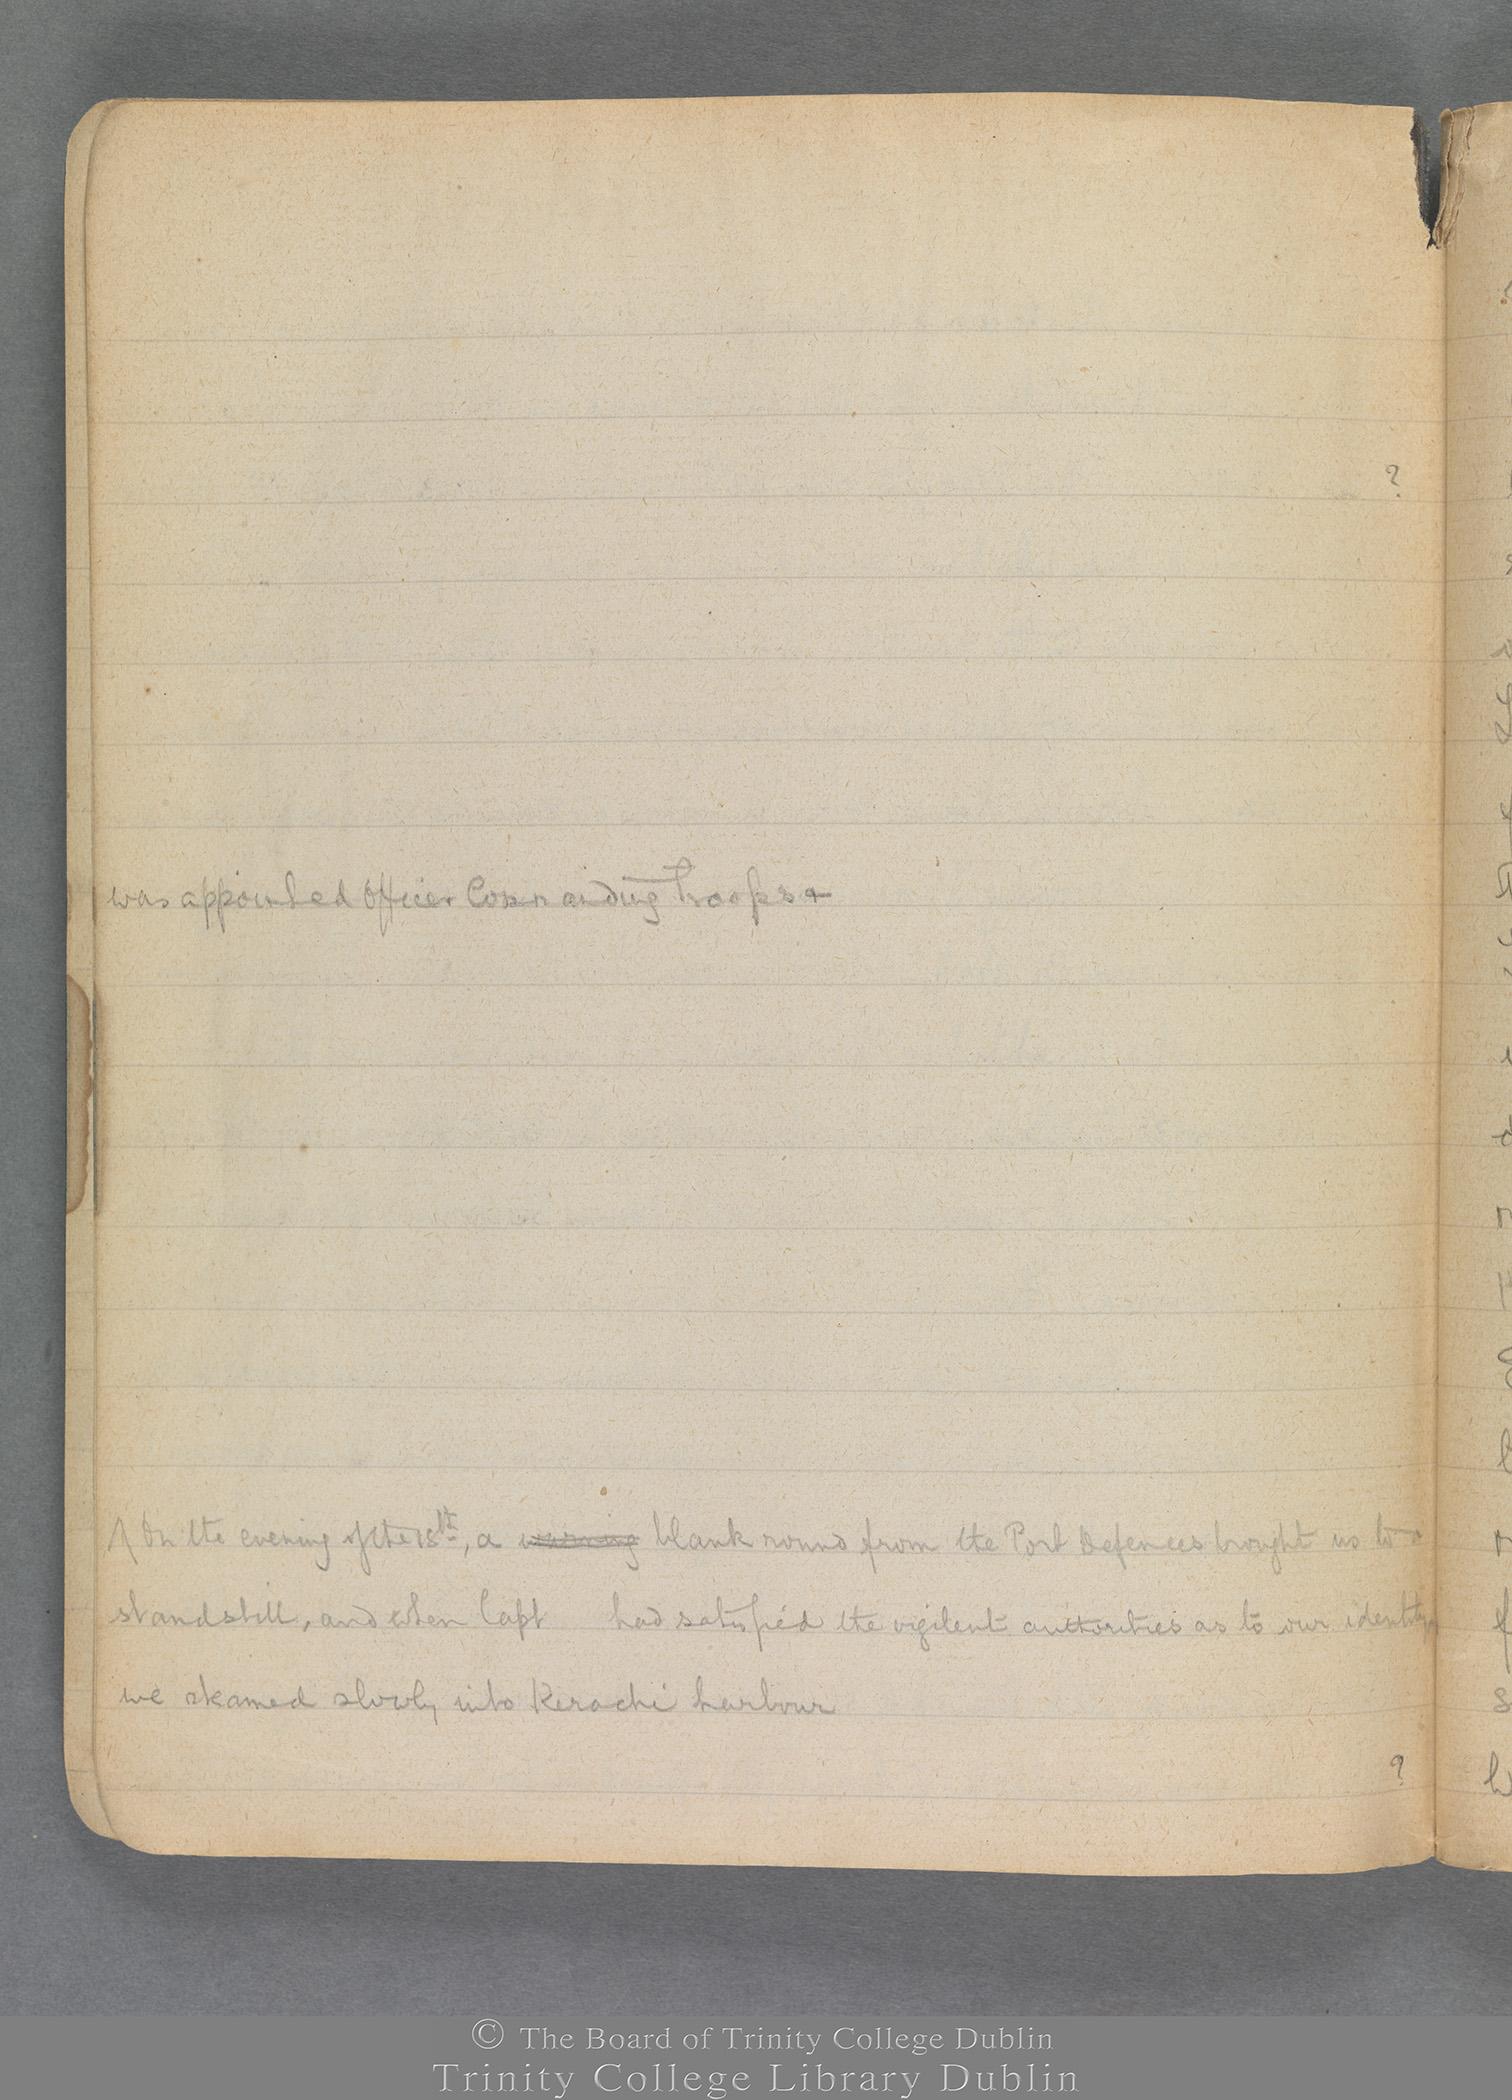 TCD MS 3414 folio 2 verso